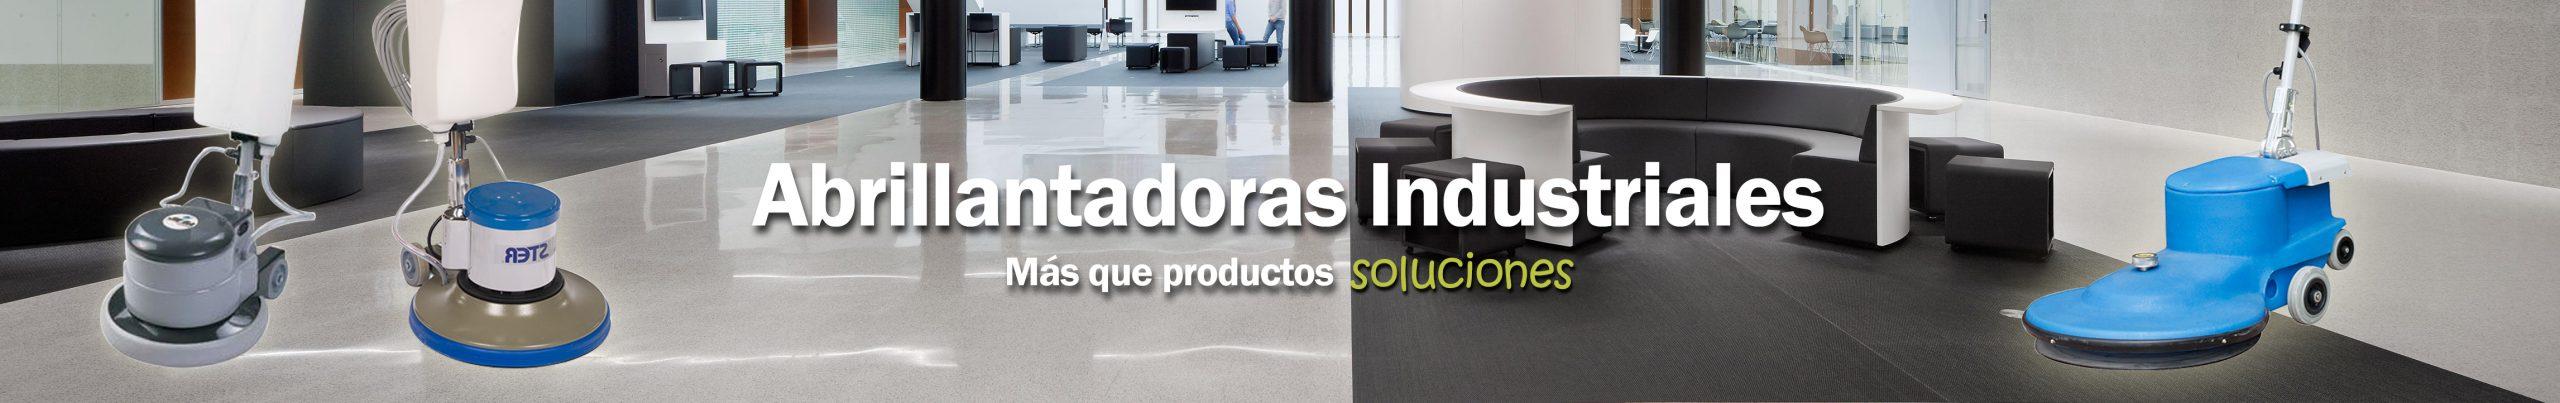 Abrillantadoras Industriales12